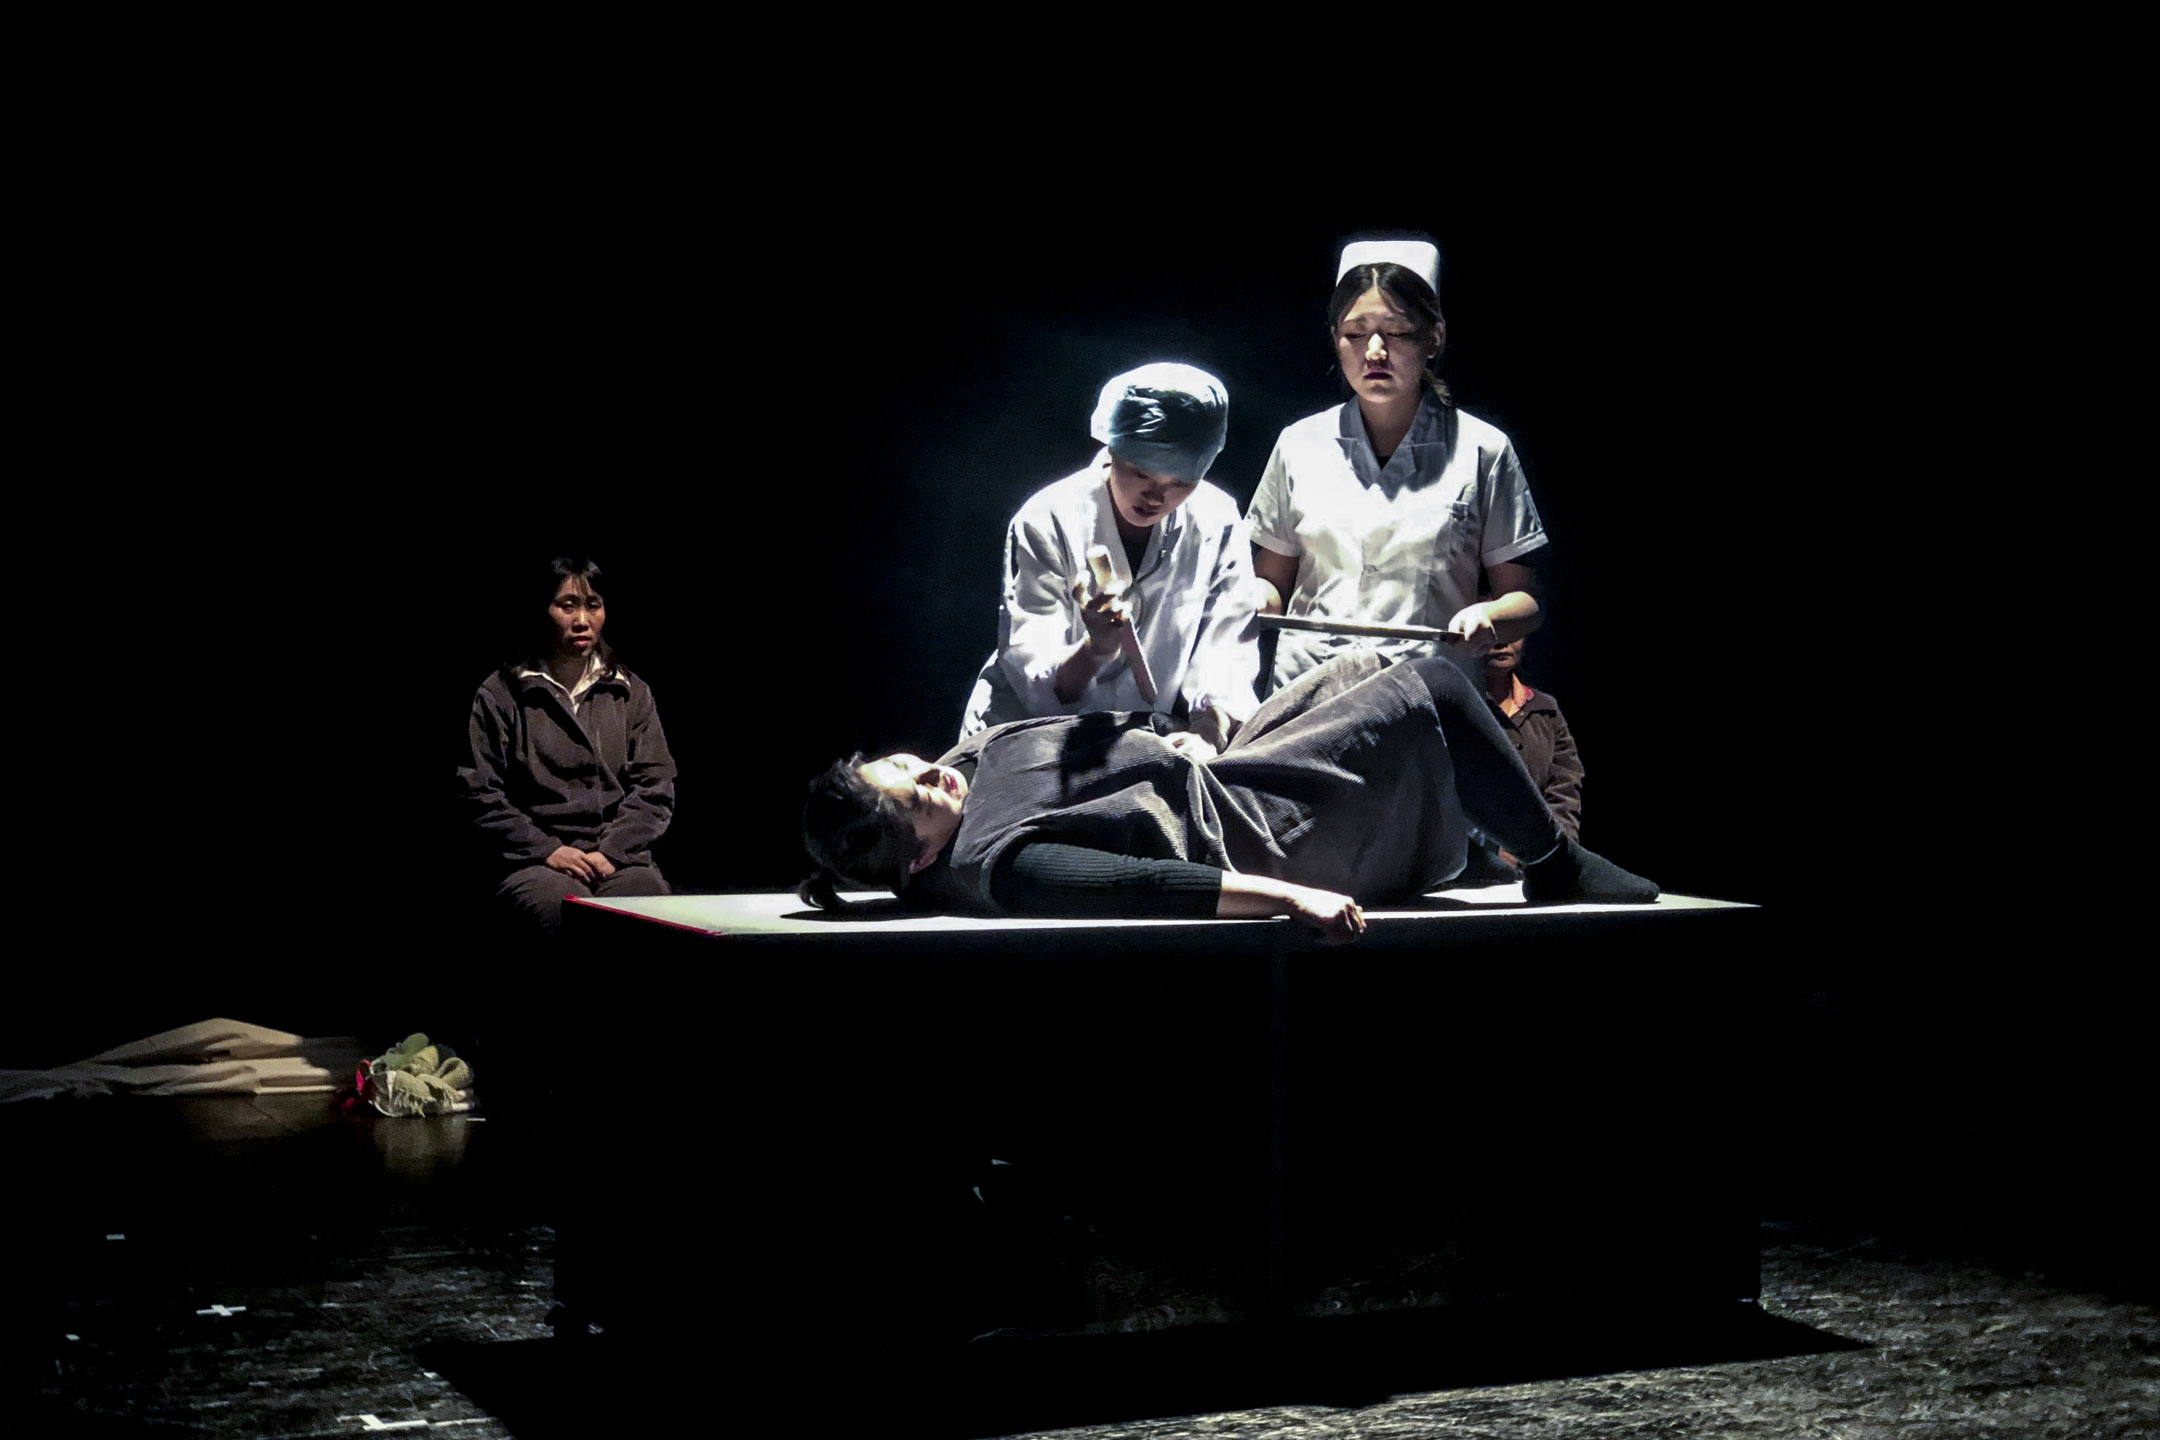 《生育紀事》中重要一幕,韓姐做引產手術。